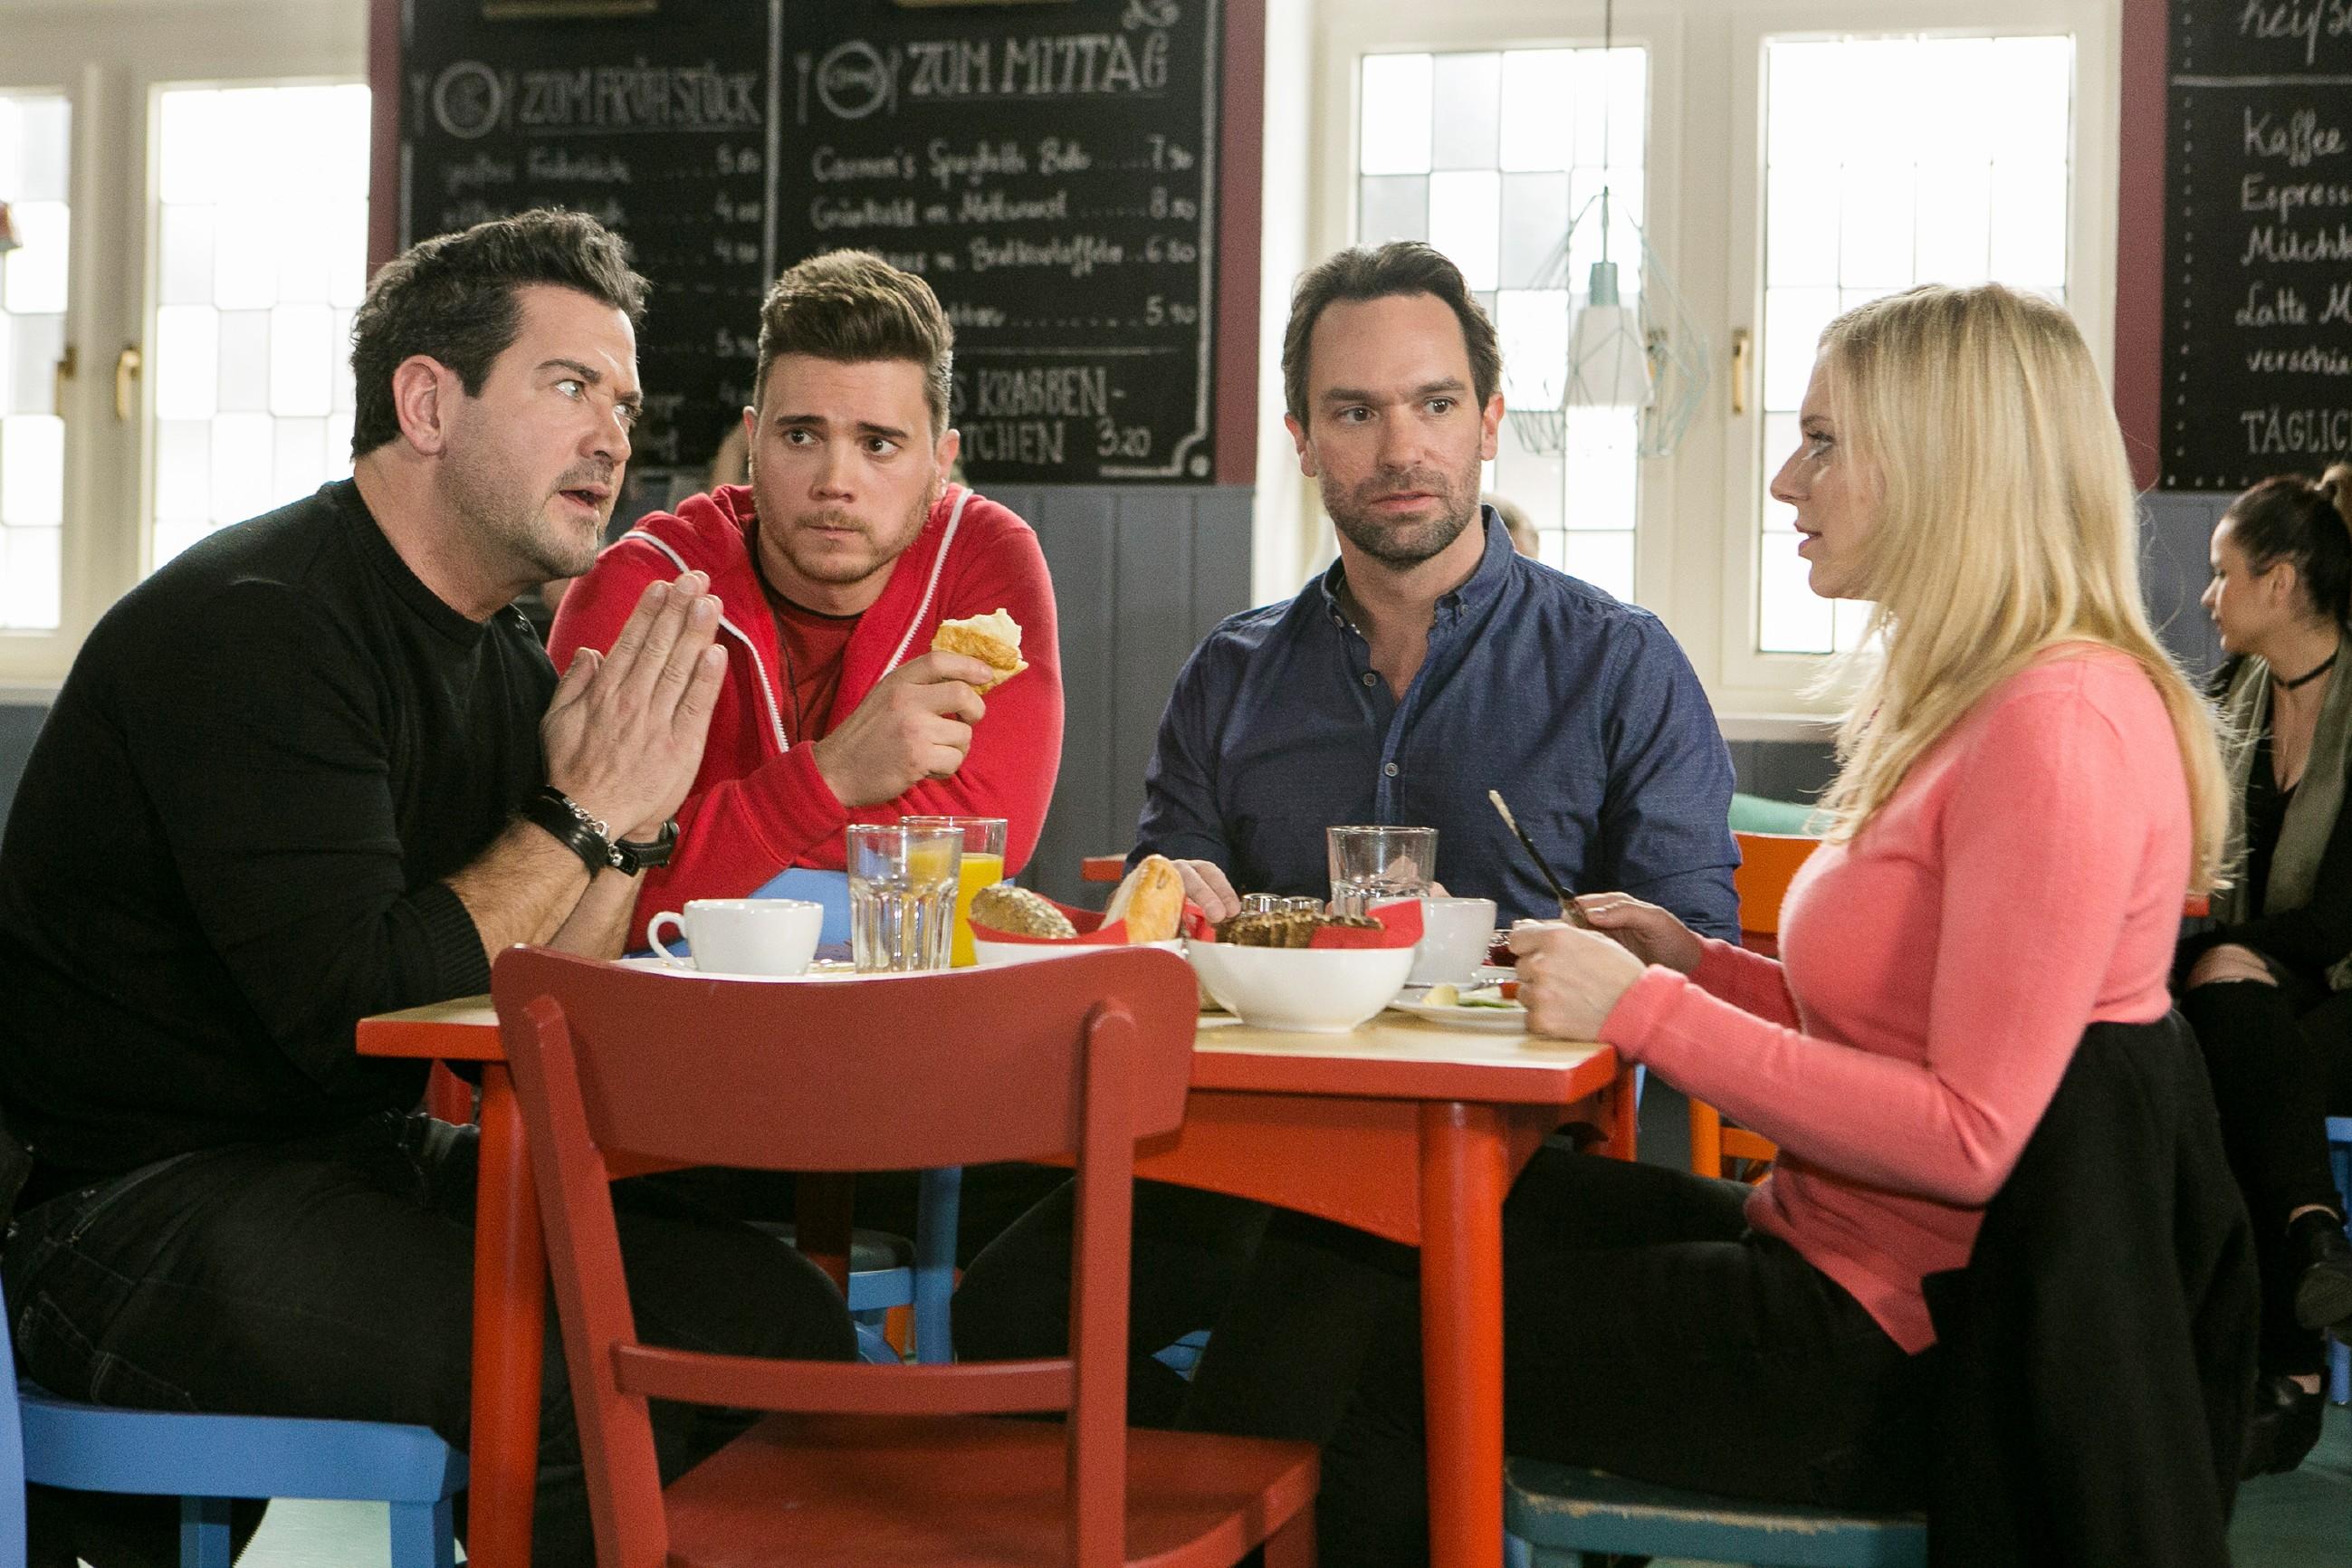 Ronny (Bela Klentze, 2.v.l.) zeigt sich beim Essen mit Marian (Sam Eisenstein, l.), Thomas (Daniel Brockhaus) und Lena (Juliette Greco) wild entschlossen, für Michelle alles zu geben.